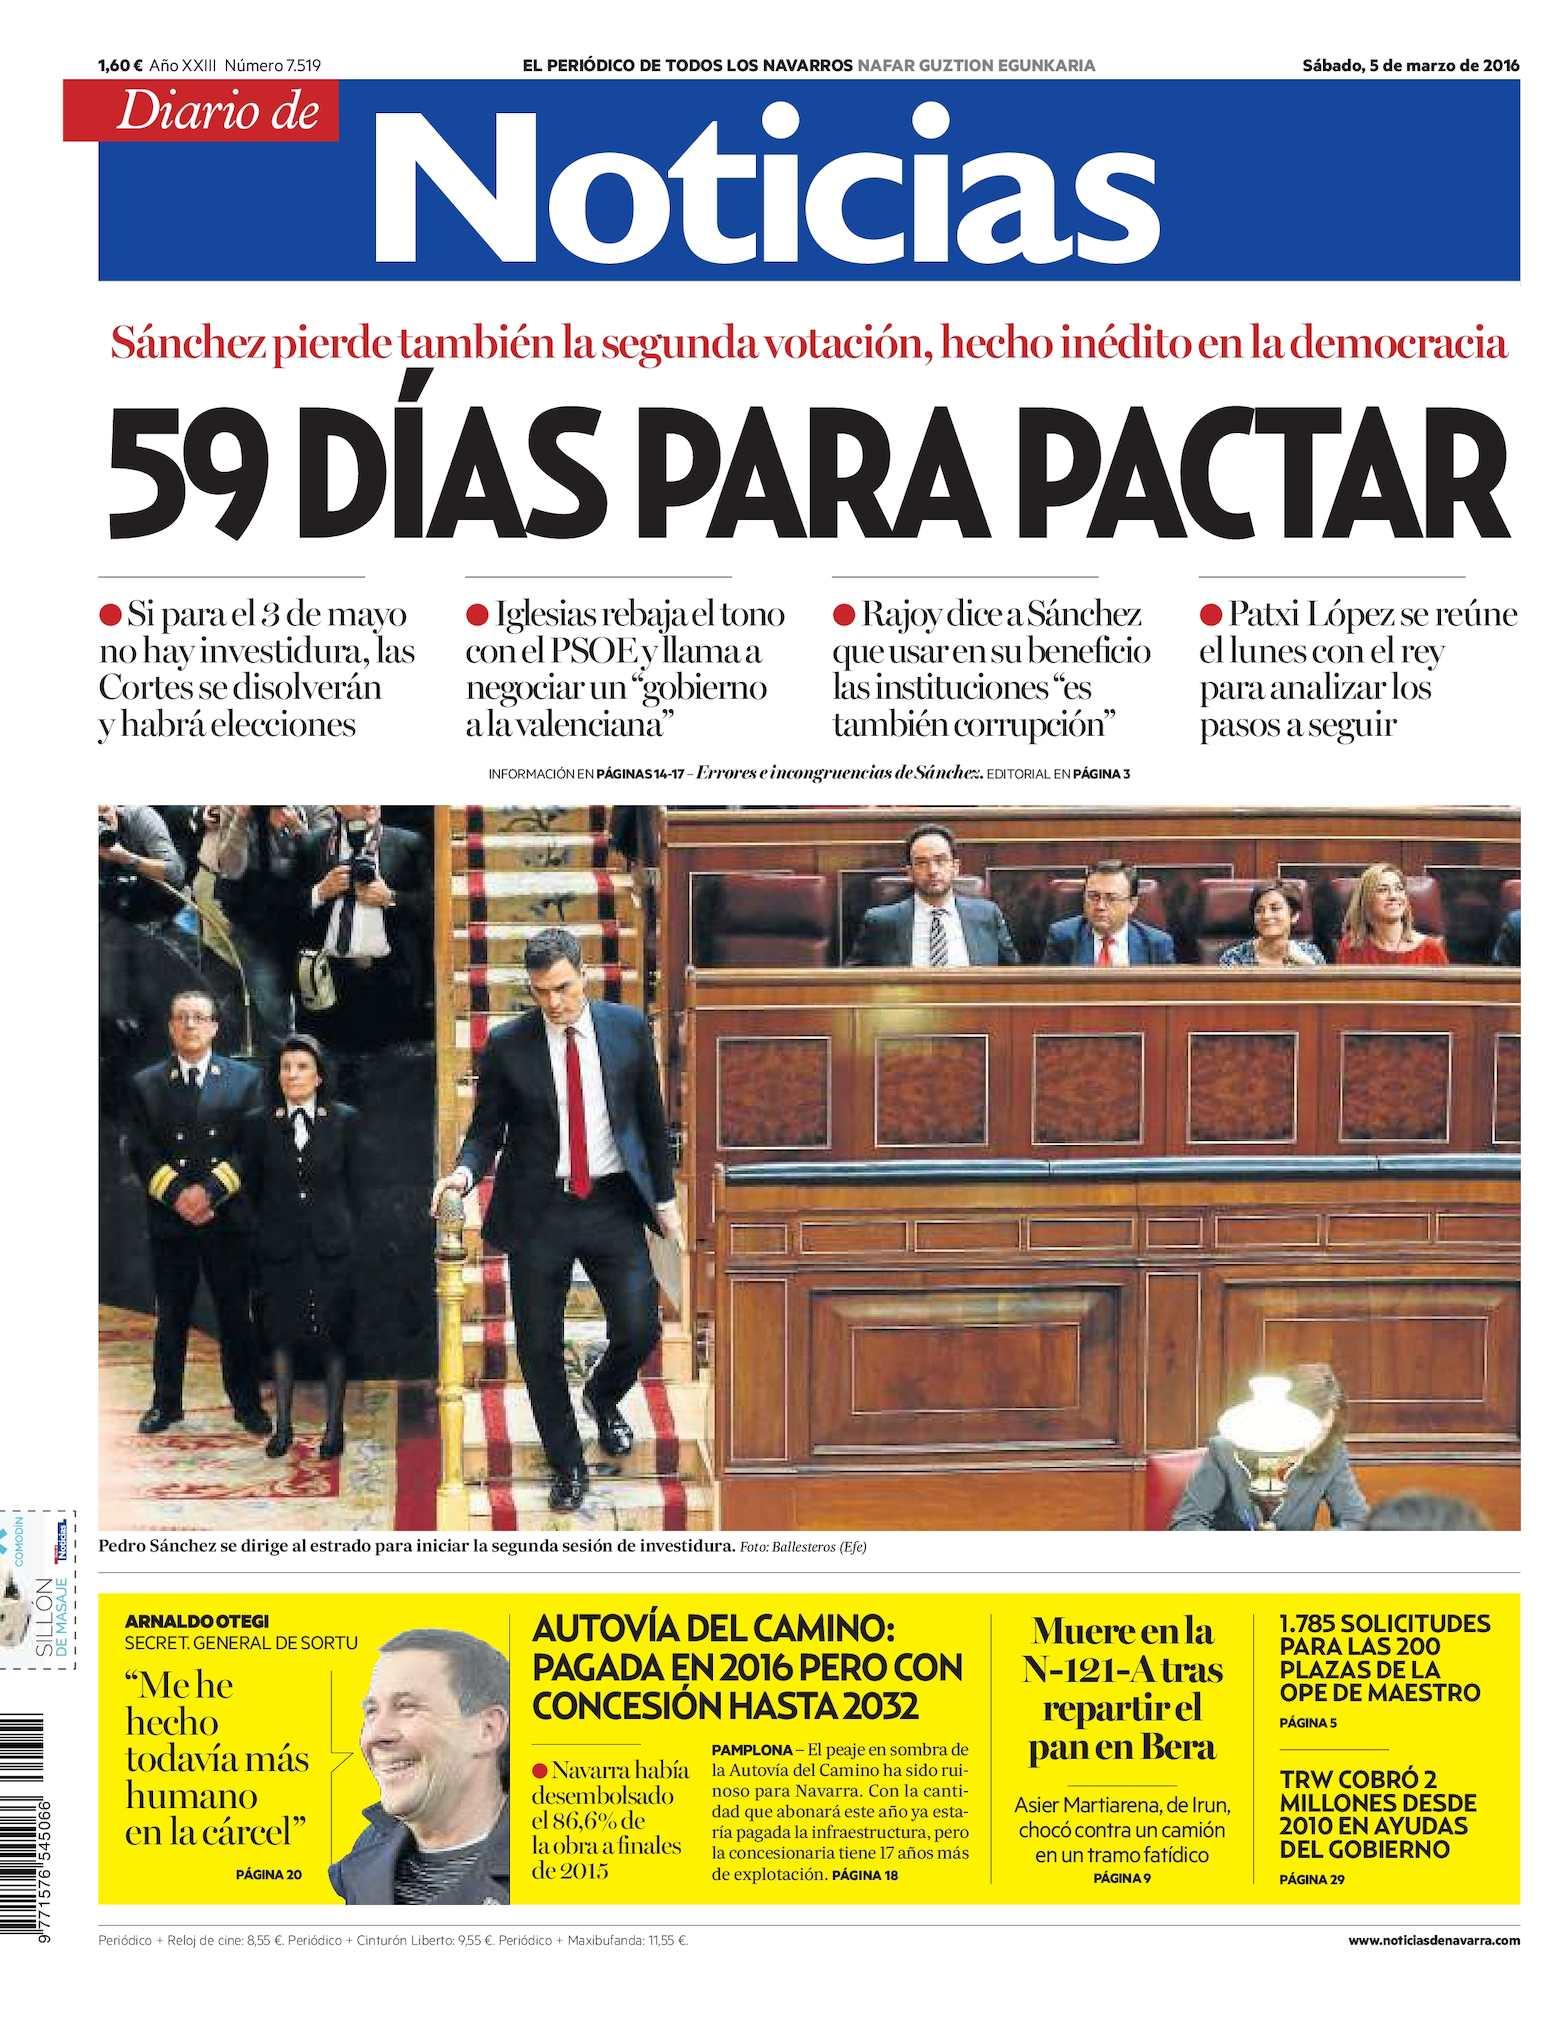 Calaméo - Diario de Noticias 20160305